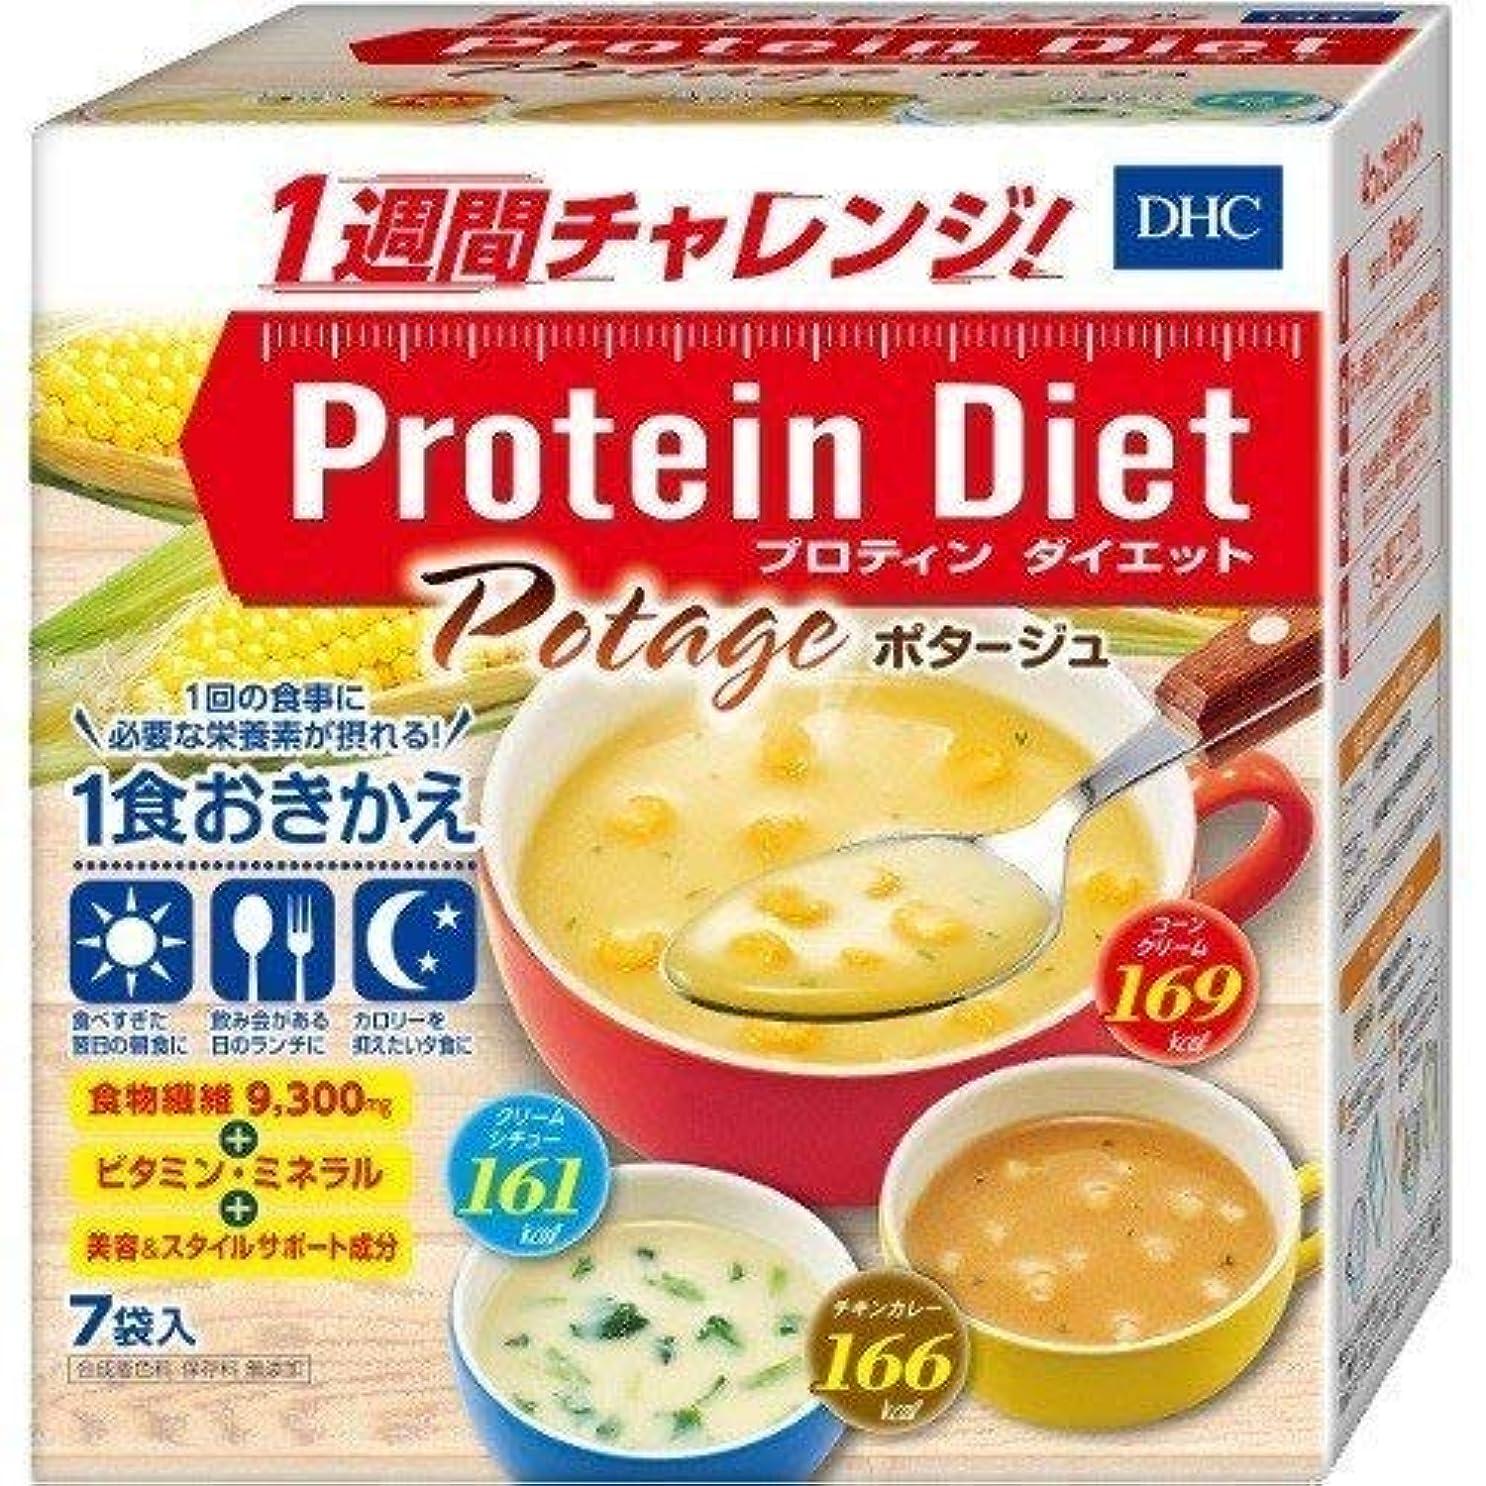 欠点重荷待ってDHC 健康食品相談室 DHC プロティンダイエット ポタージュ 7袋入 4511413406366